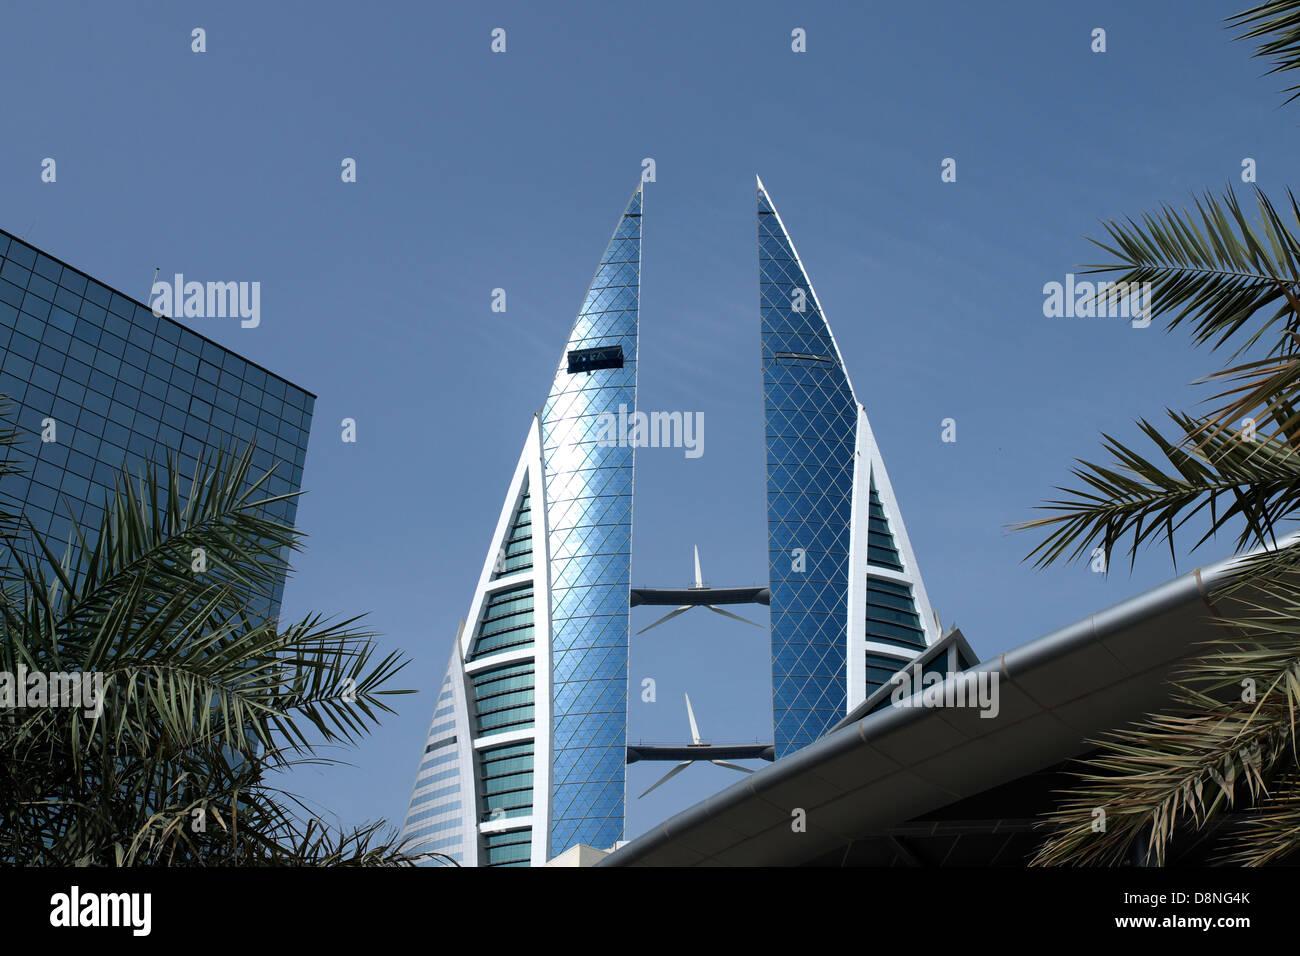 Complejo World Trade Center, Manama, Reino de Bahréin, Golfo Pérsico Imagen De Stock